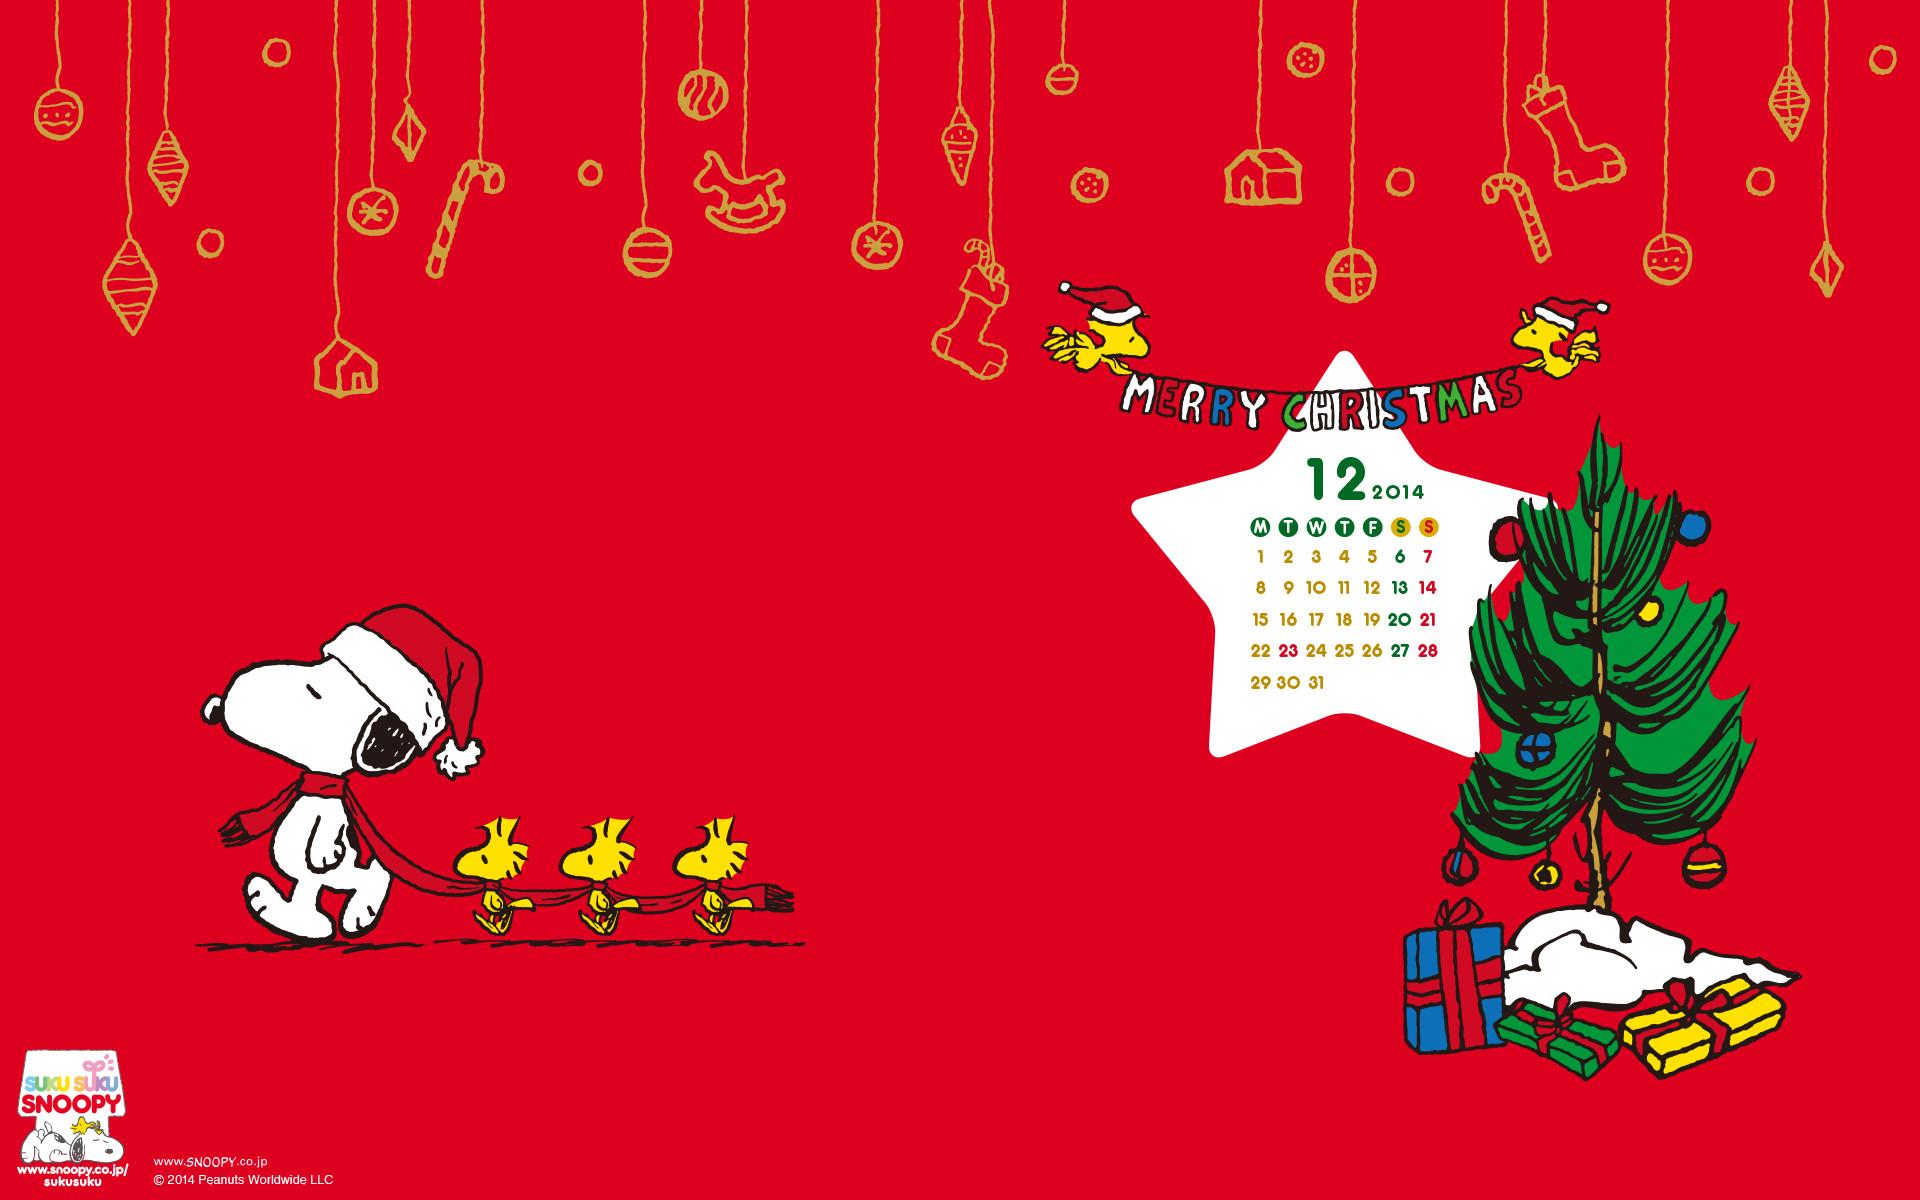 スヌーピー壁紙クリスマス スヌーピークリスマス壁紙 1920x1200 Wallpapertip